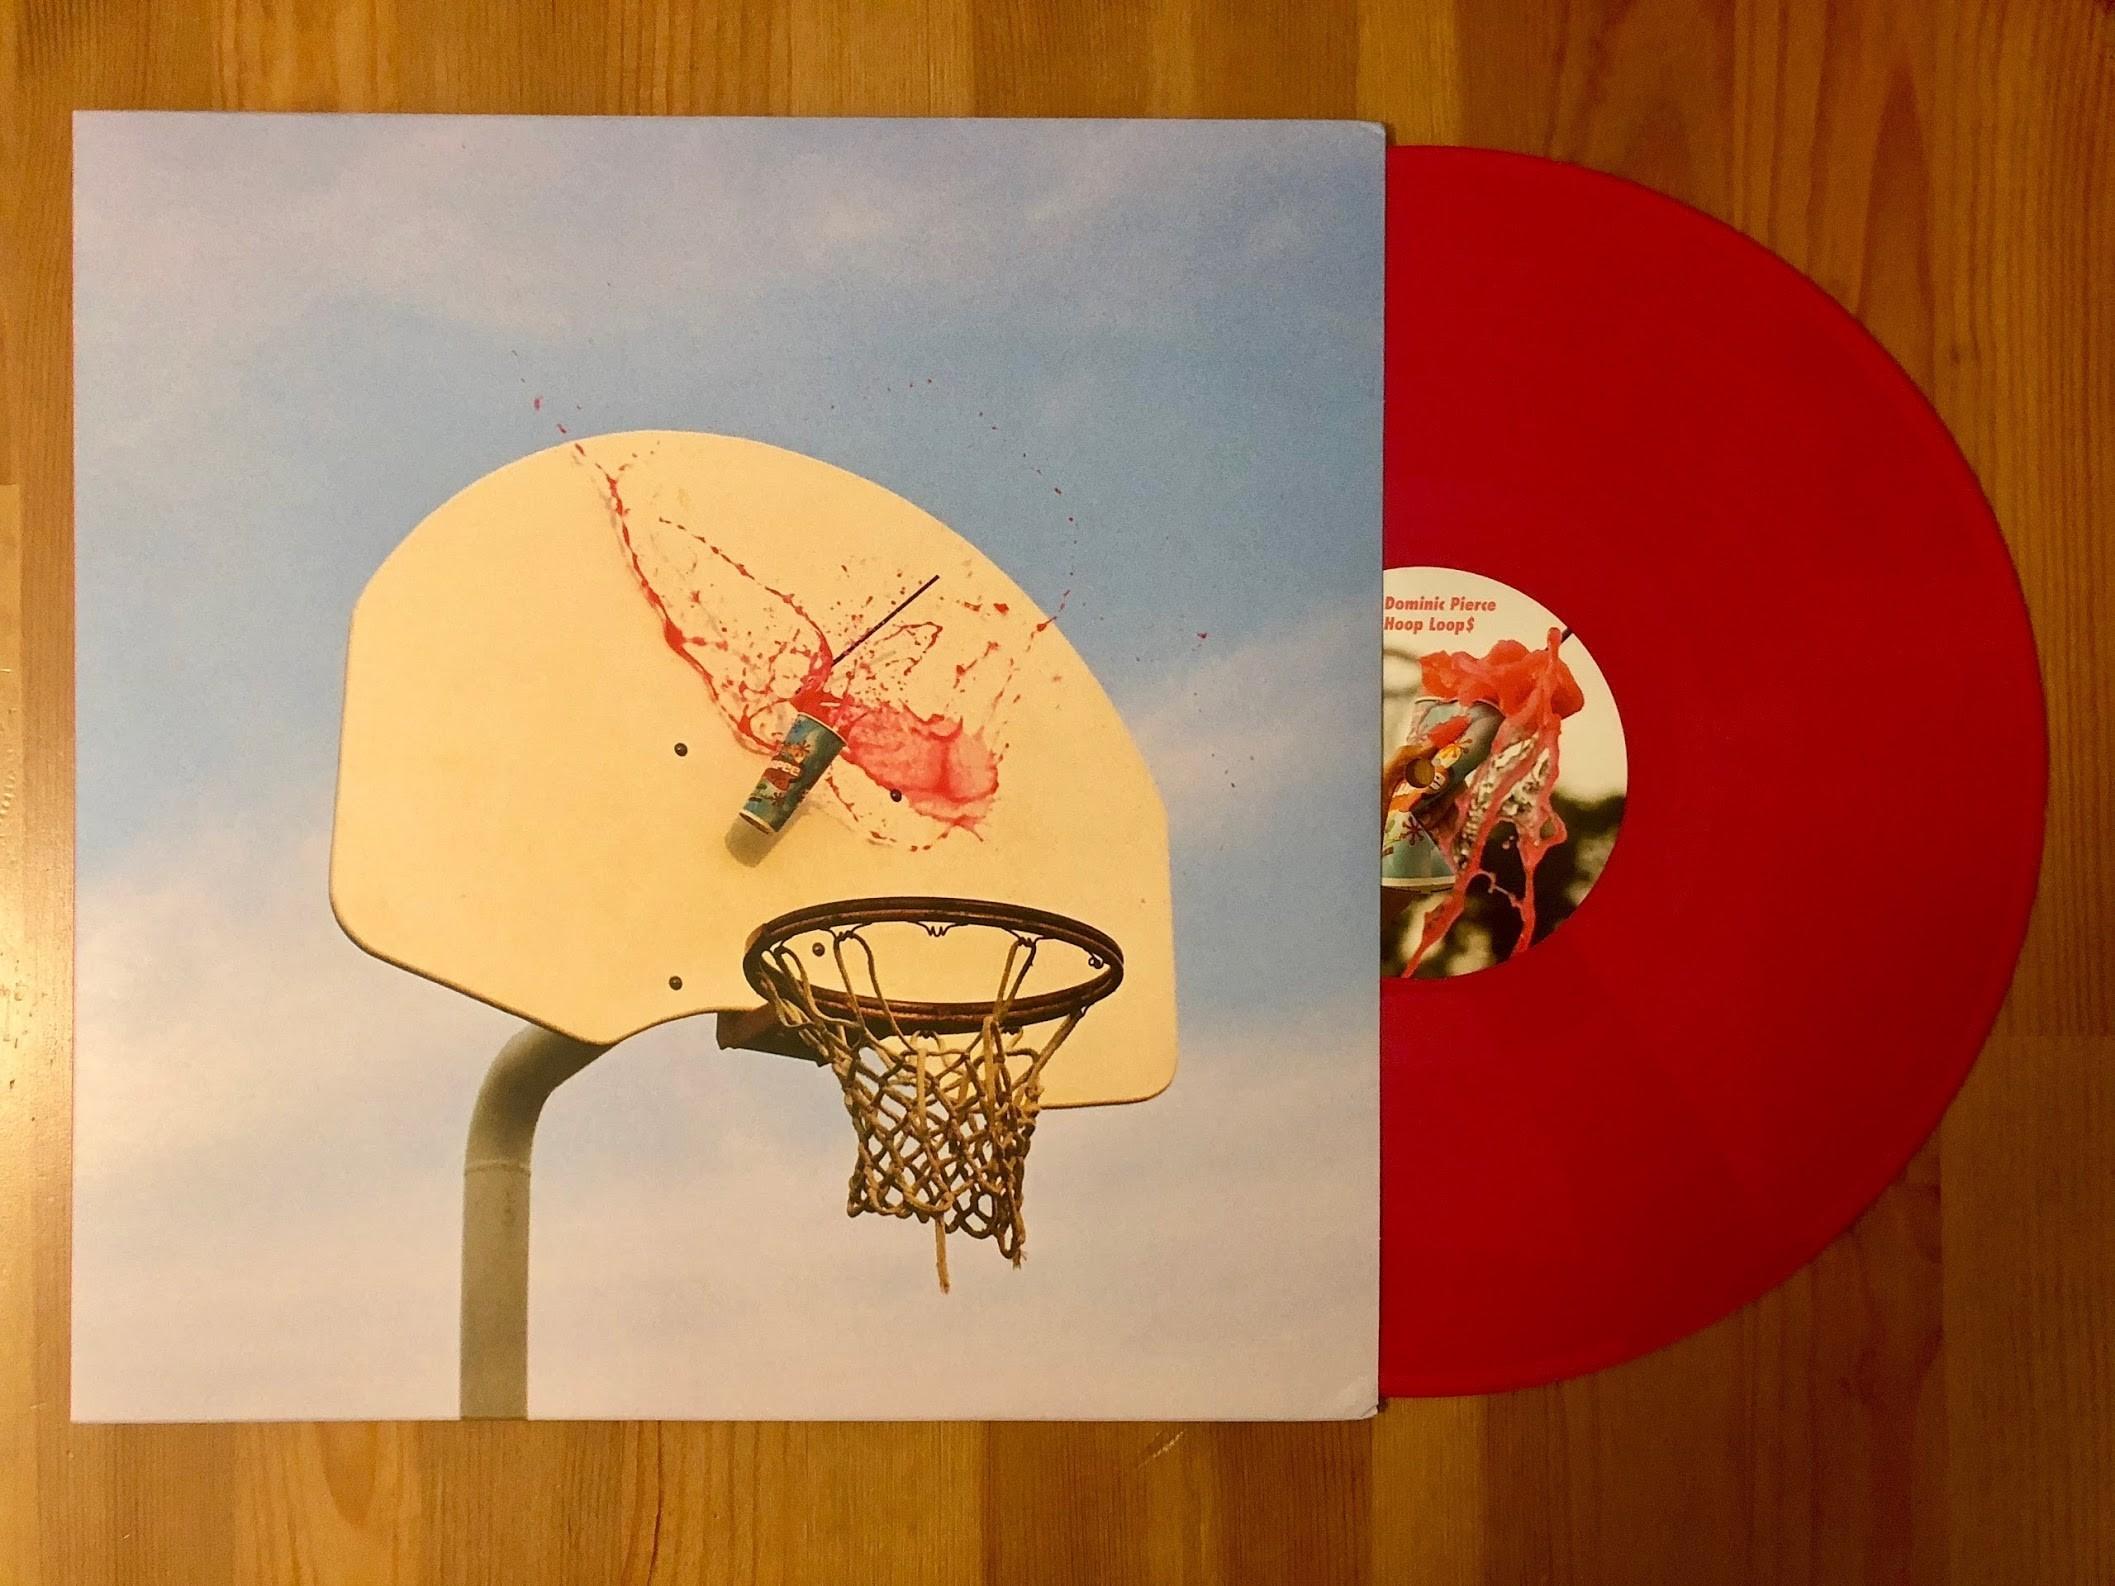 Dominic Pierce - Hoop Loops - Inner Ocean Records